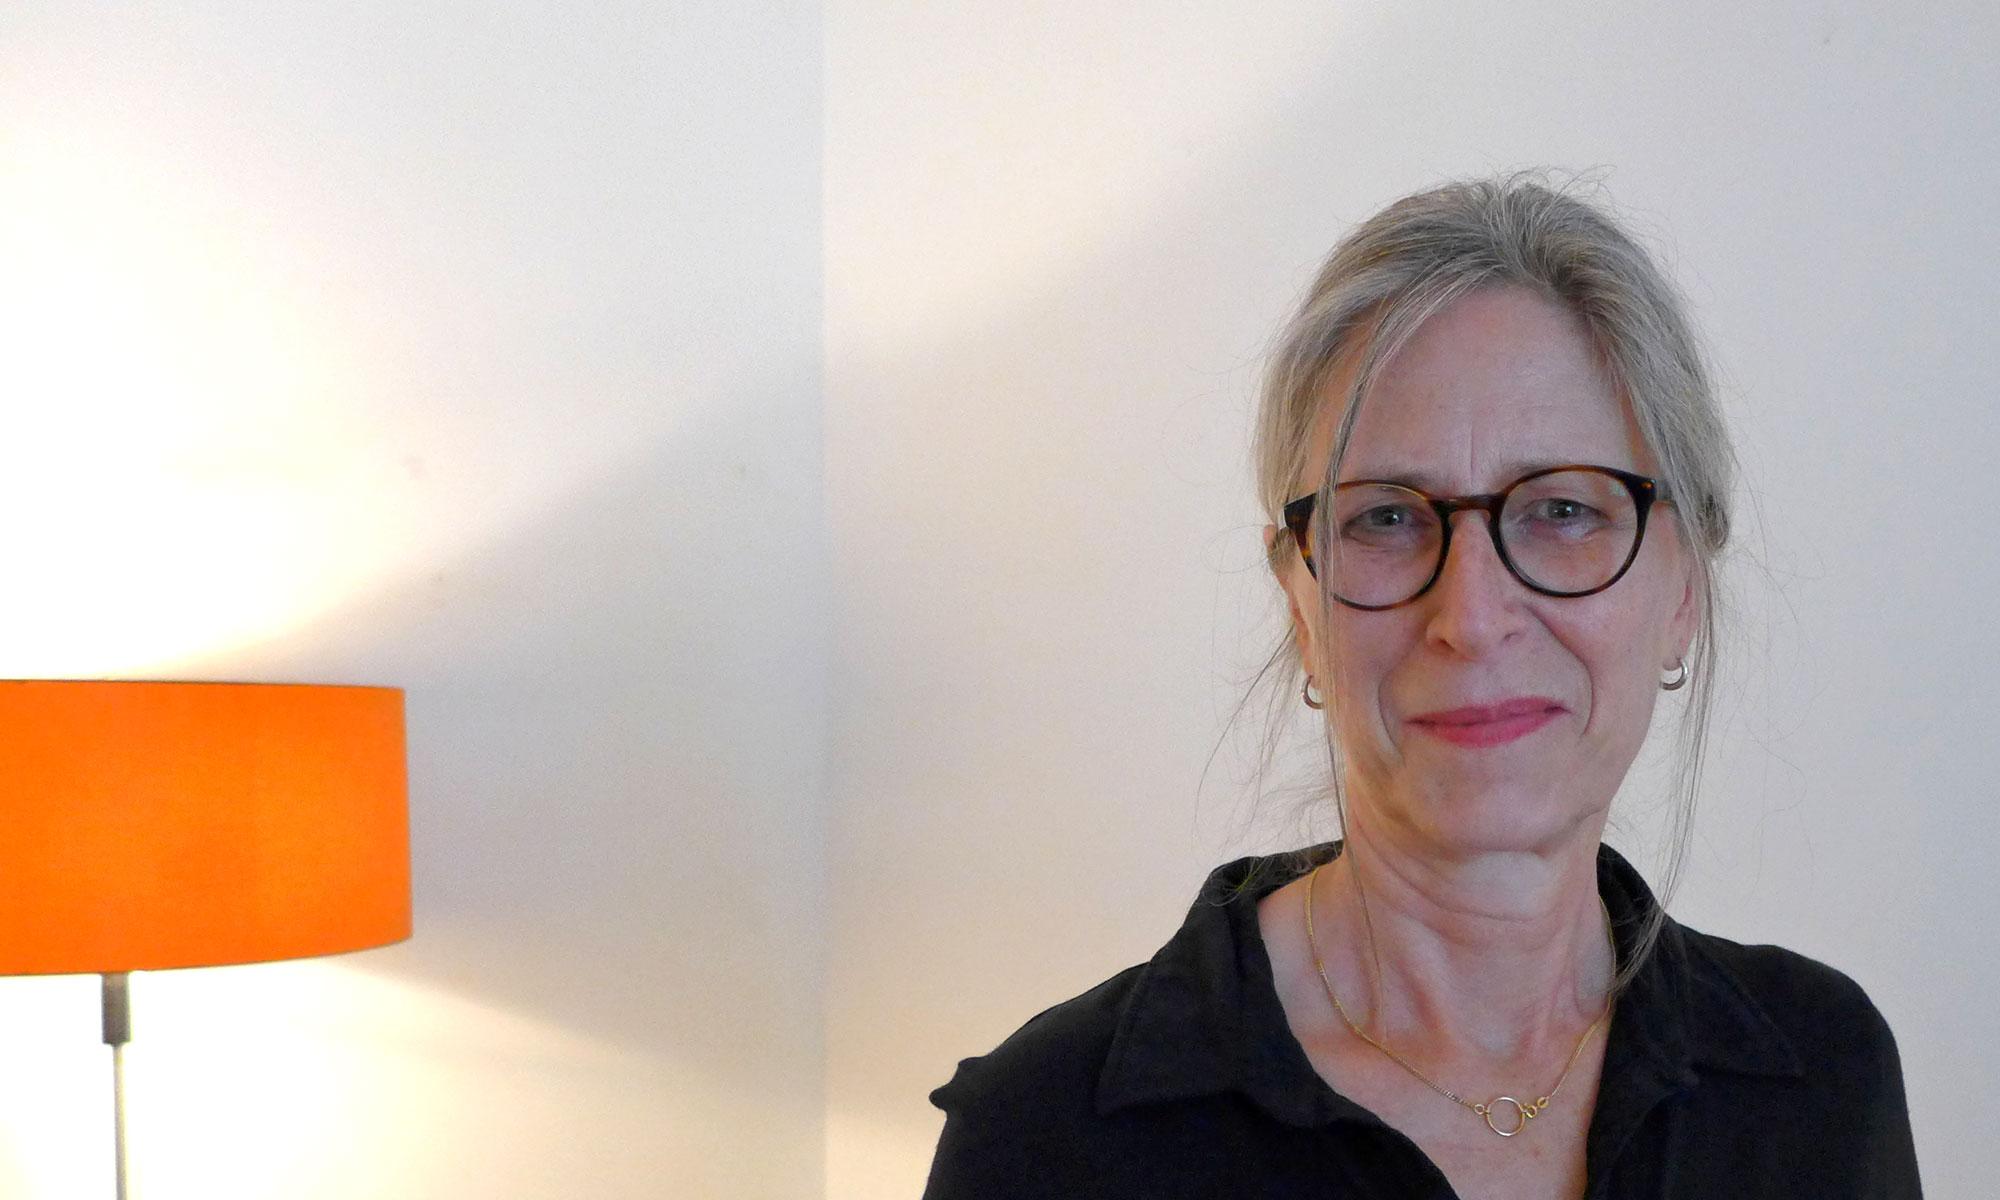 Ursula Hess